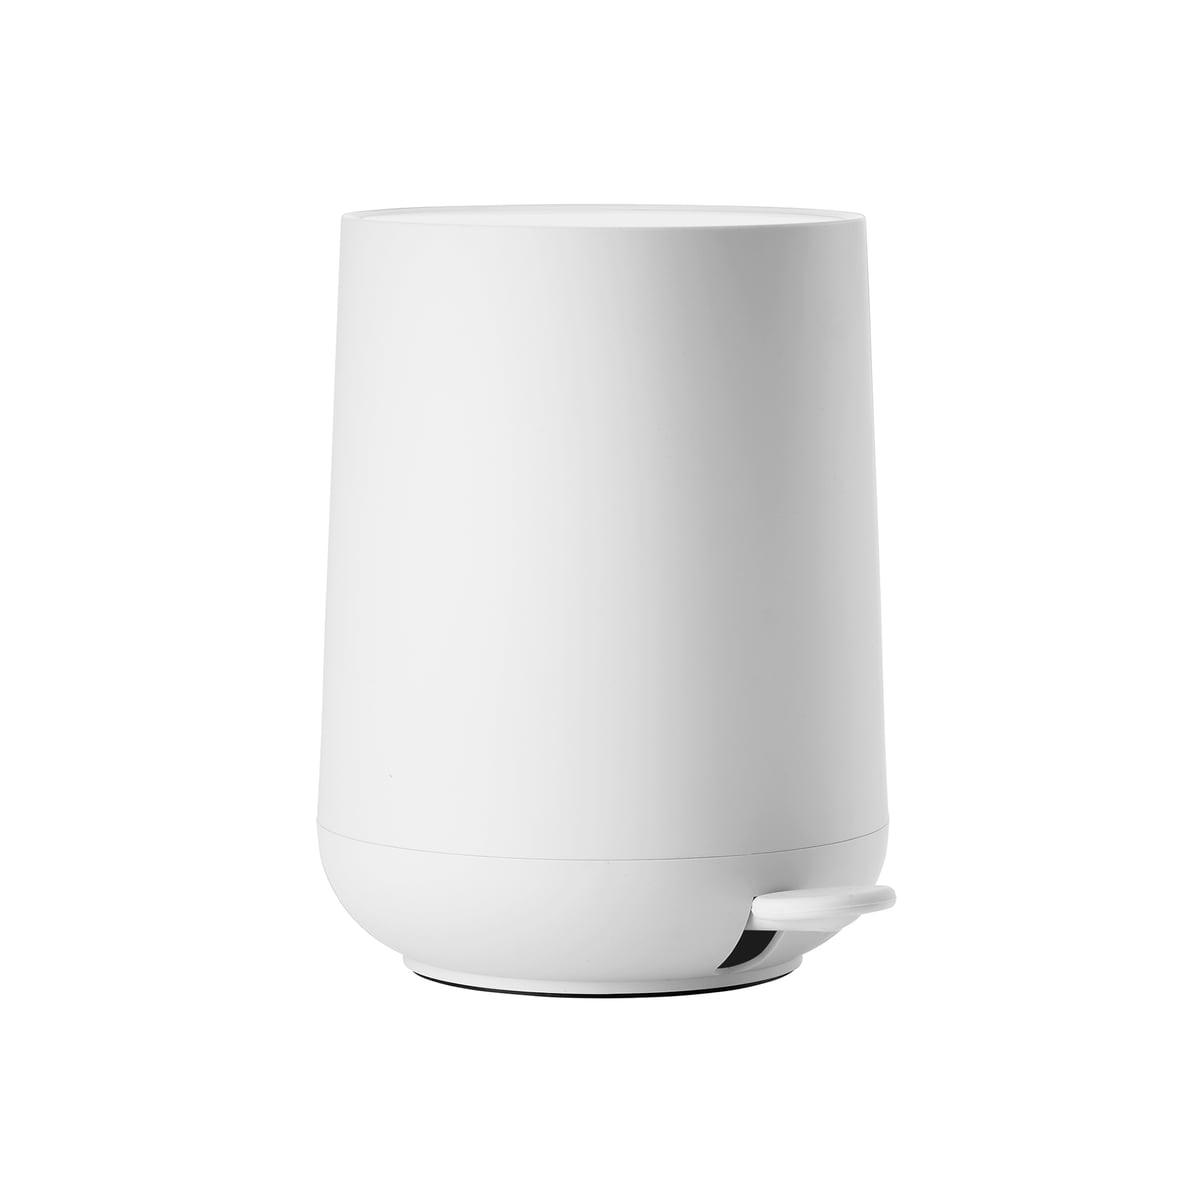 Pedal bin white nova 3 L